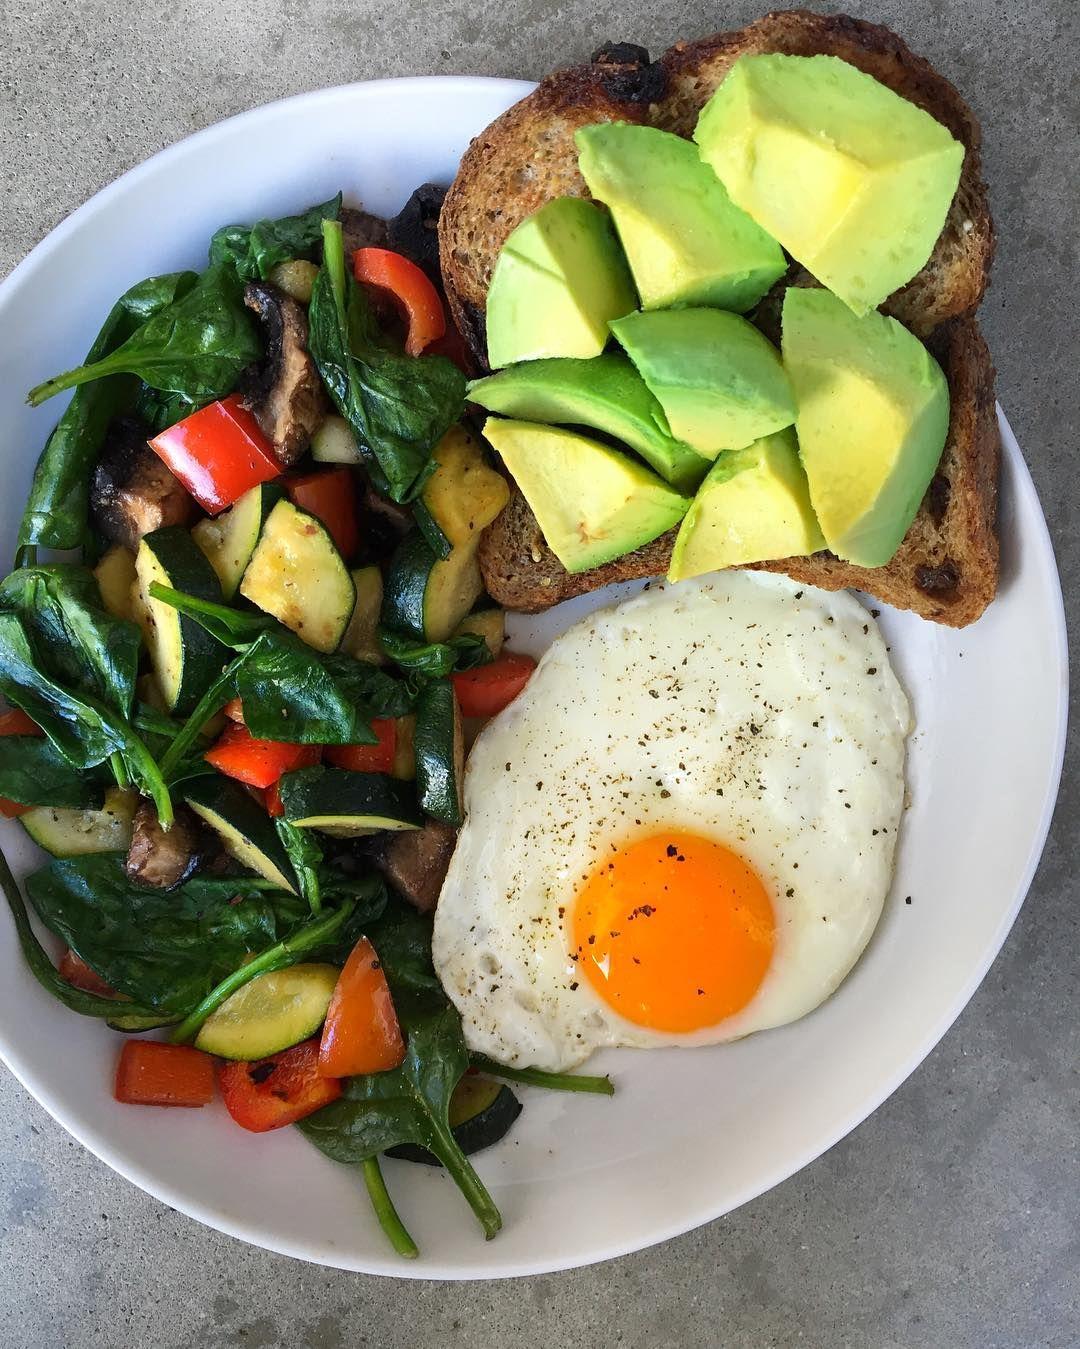 Pinterest mogo0207 h e a l t h y pinterest for Comidas y cenas saludables